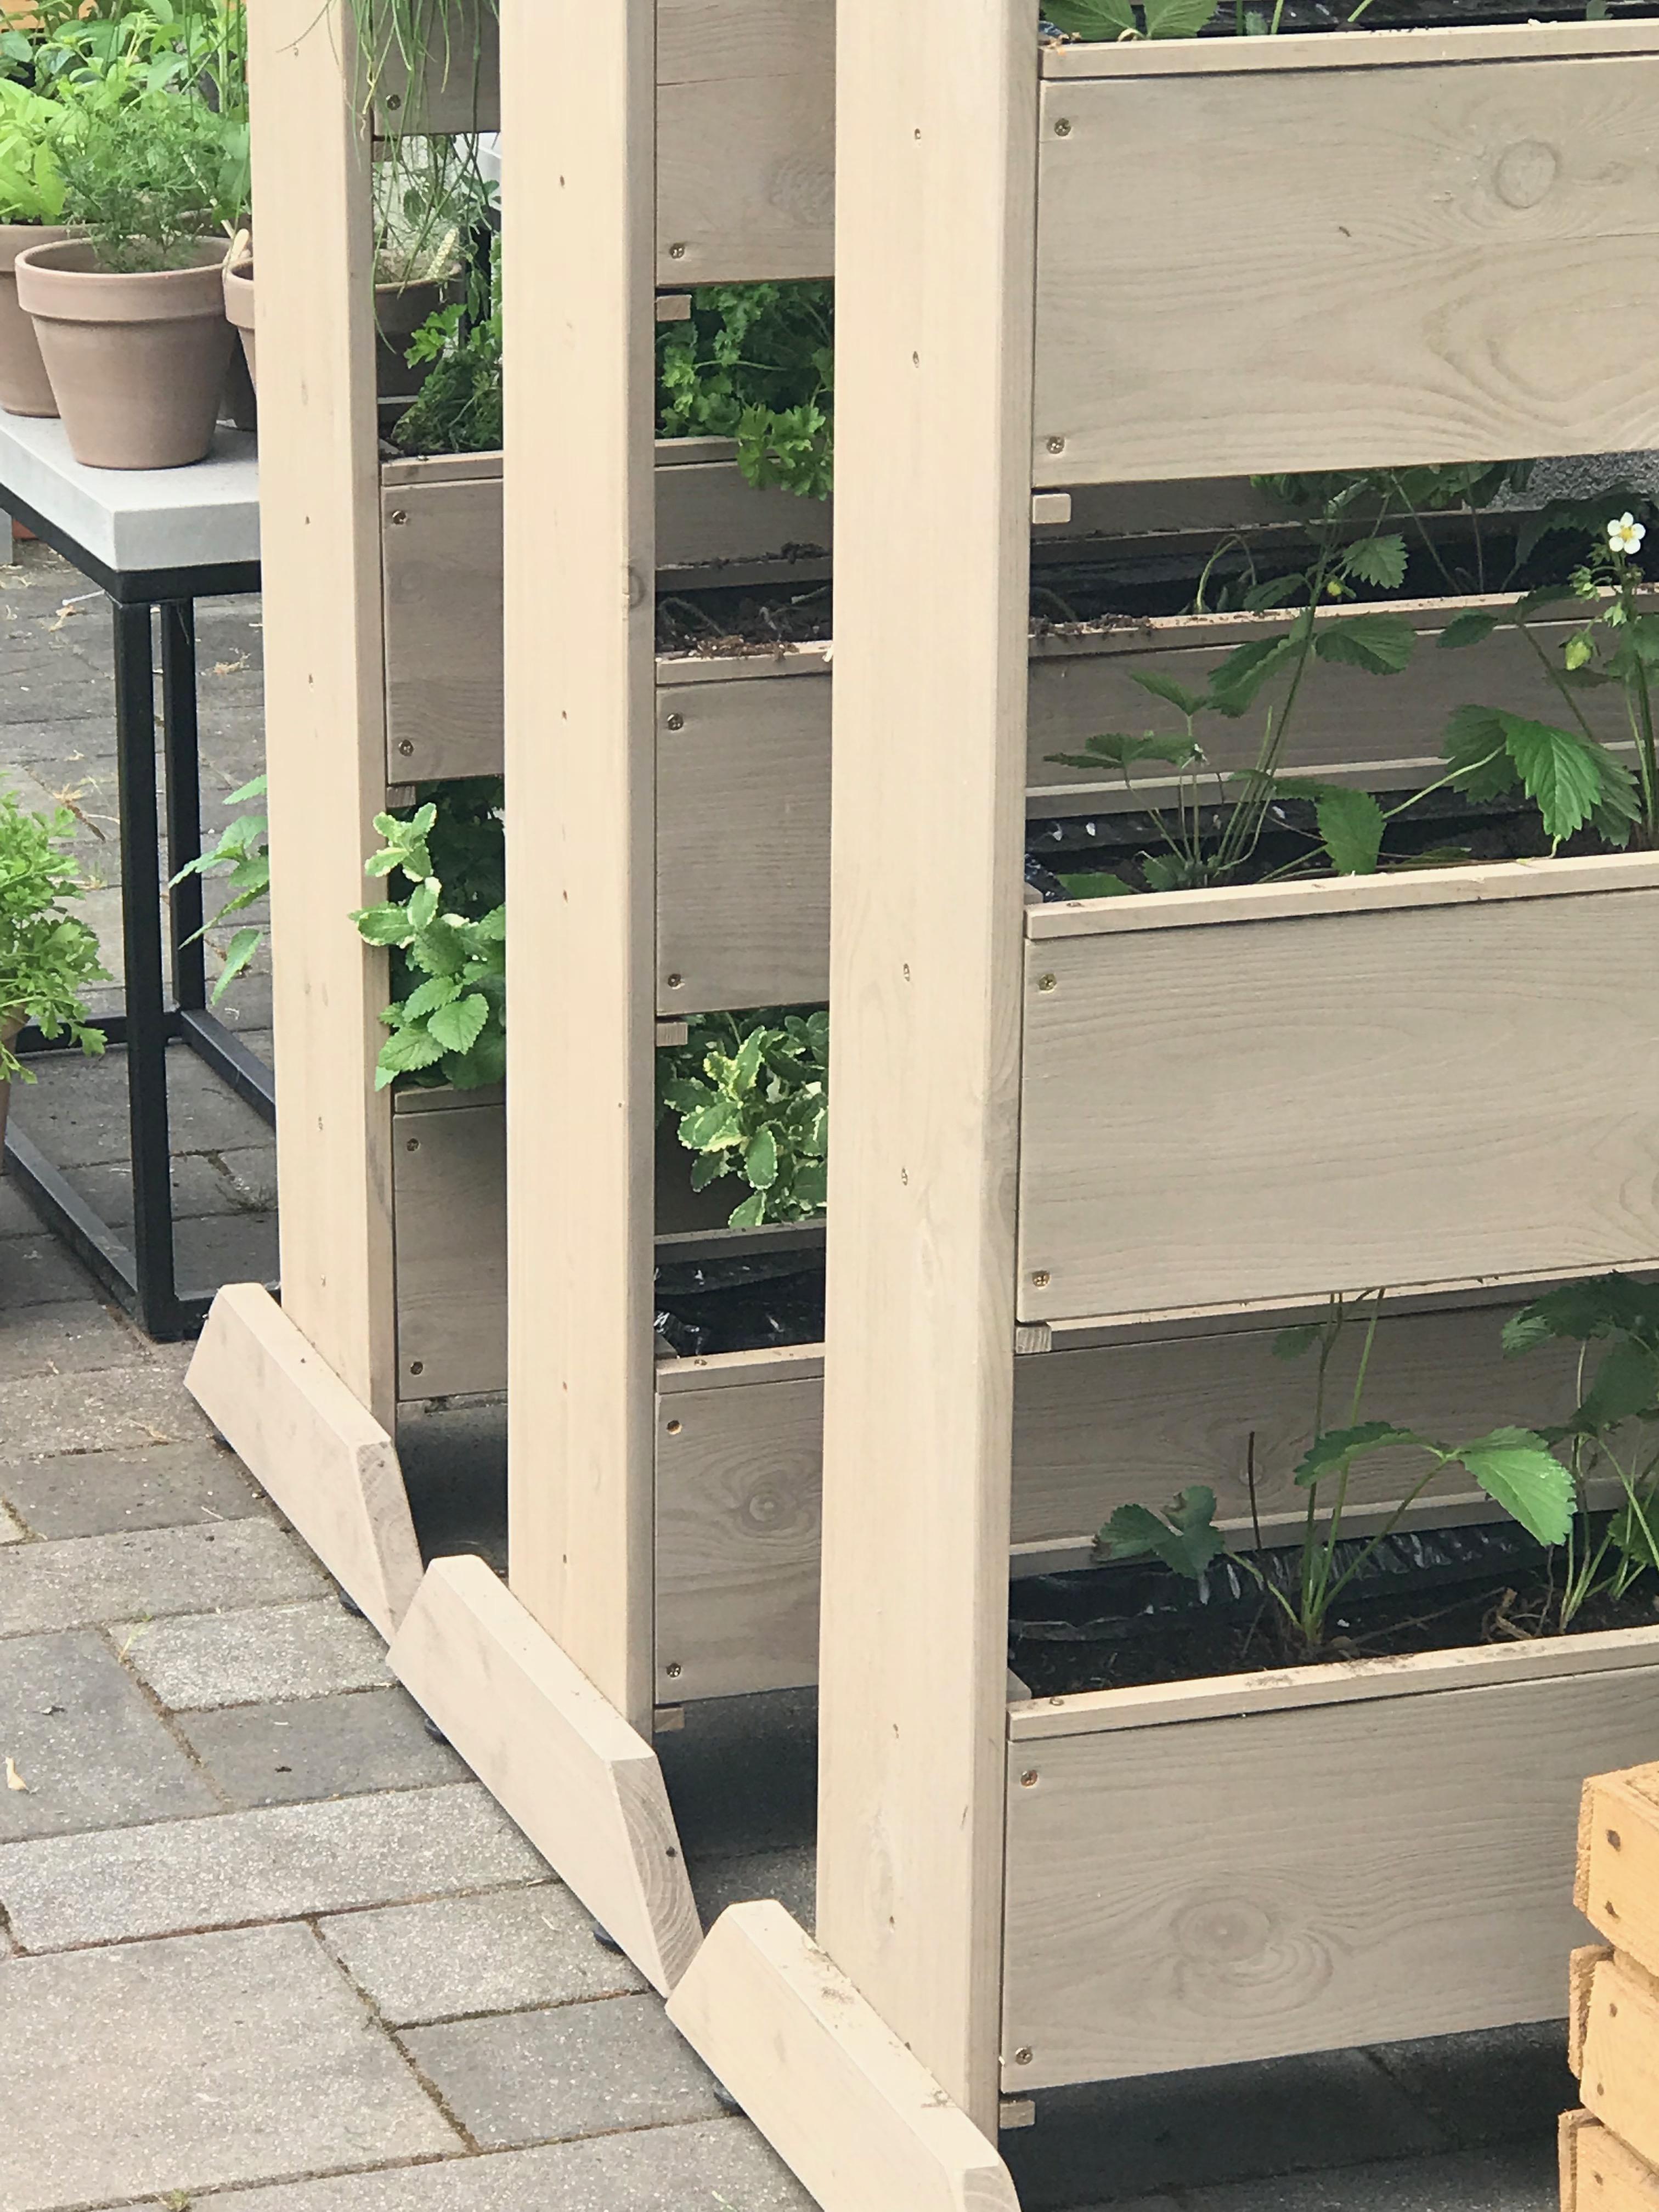 Vertikale Beete mit Erdbeeren und Kräutern bepflanzen,